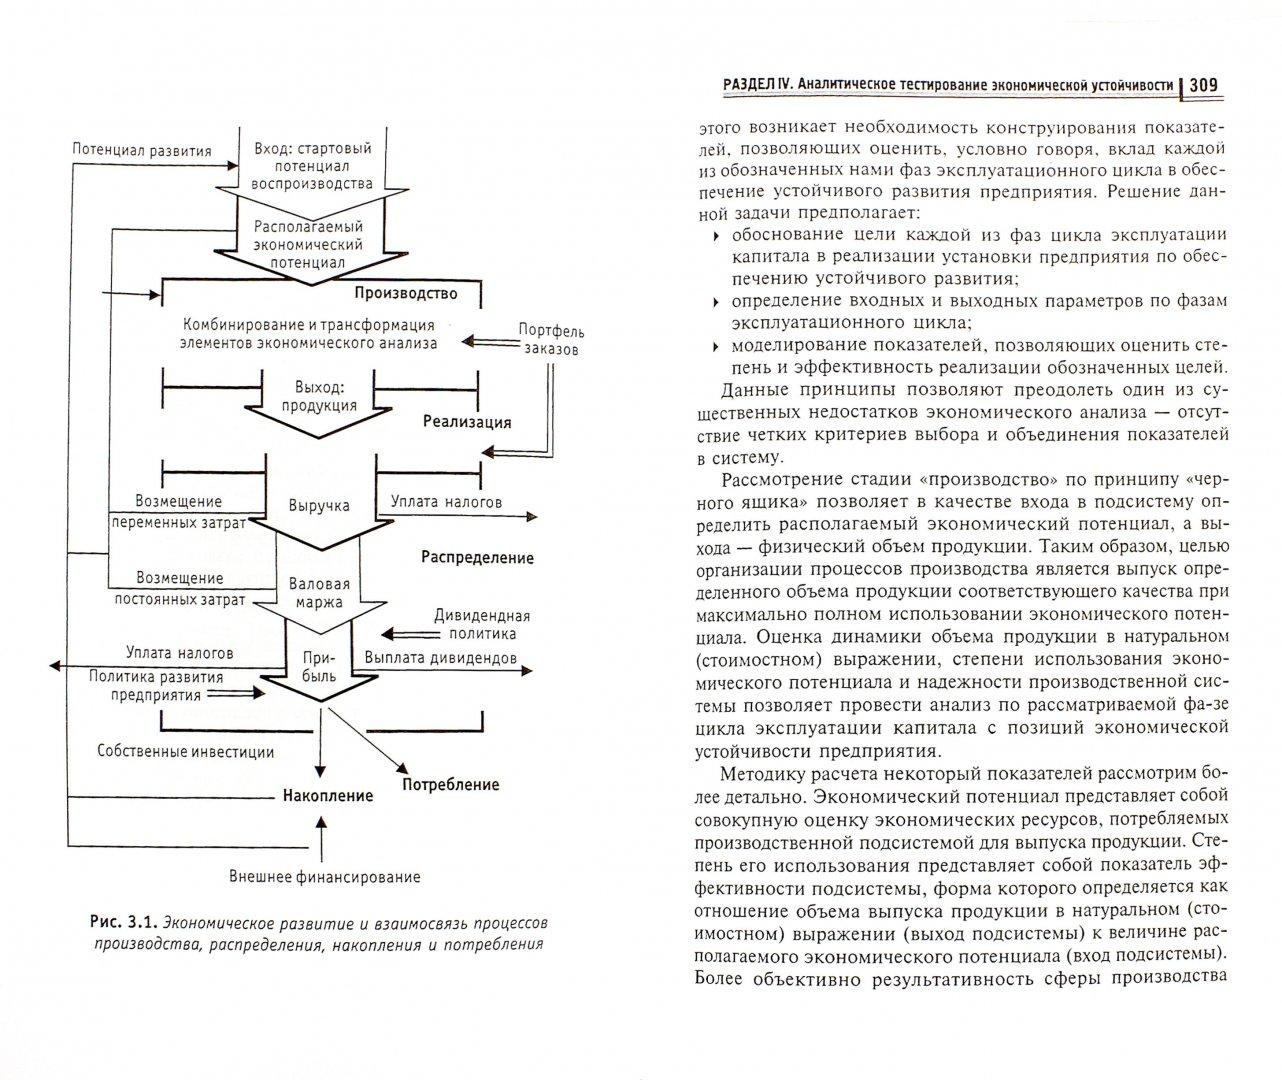 Иллюстрация 1 из 7 для Экономика и анализ деятельности предприятий - Елисеева, Молев, Трегулова | Лабиринт - книги. Источник: Лабиринт